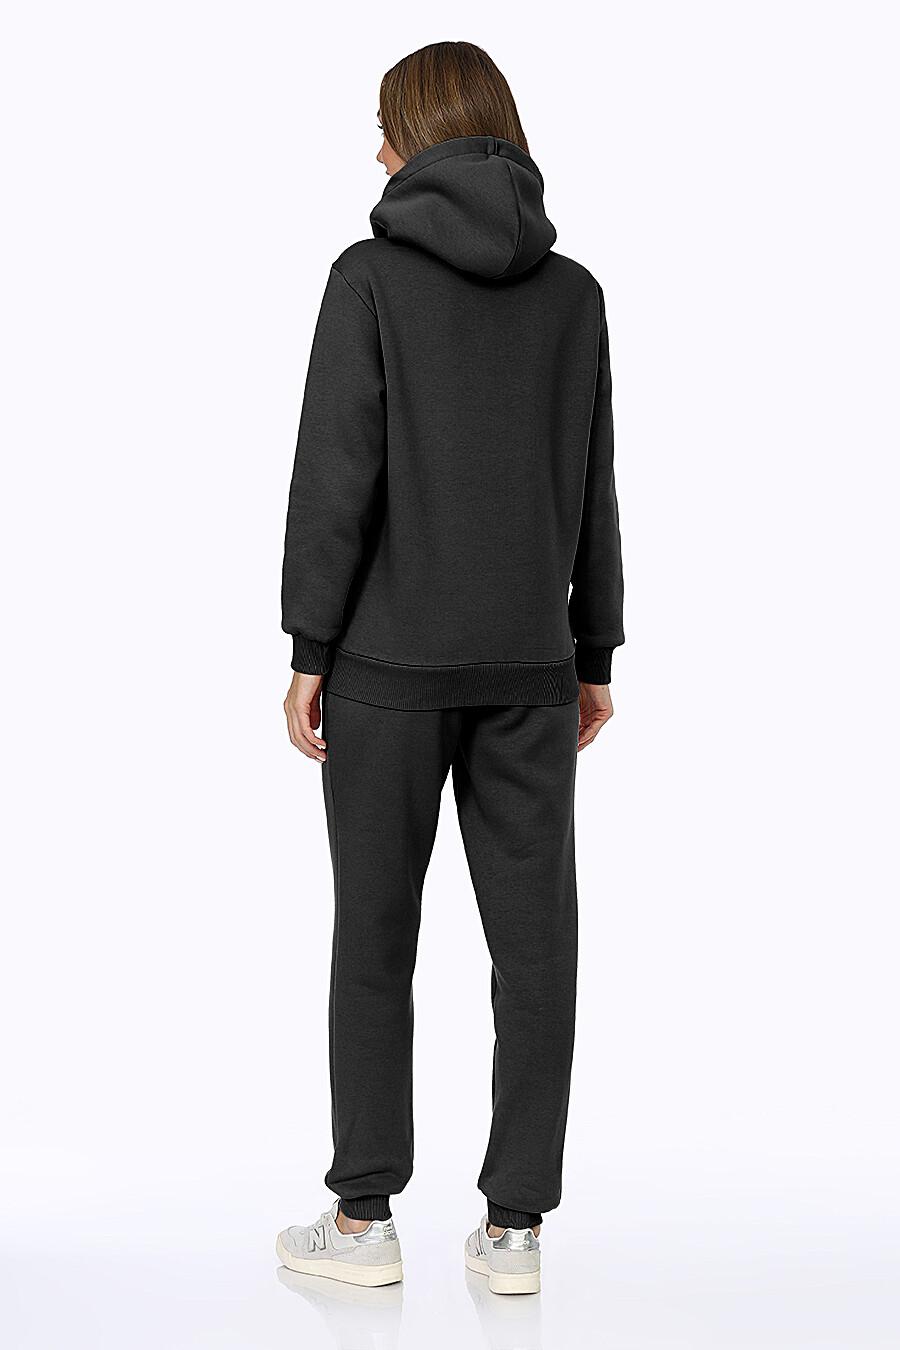 Костюм (Брюки+Худи) для женщин EZANNA 707999 купить оптом от производителя. Совместная покупка женской одежды в OptMoyo